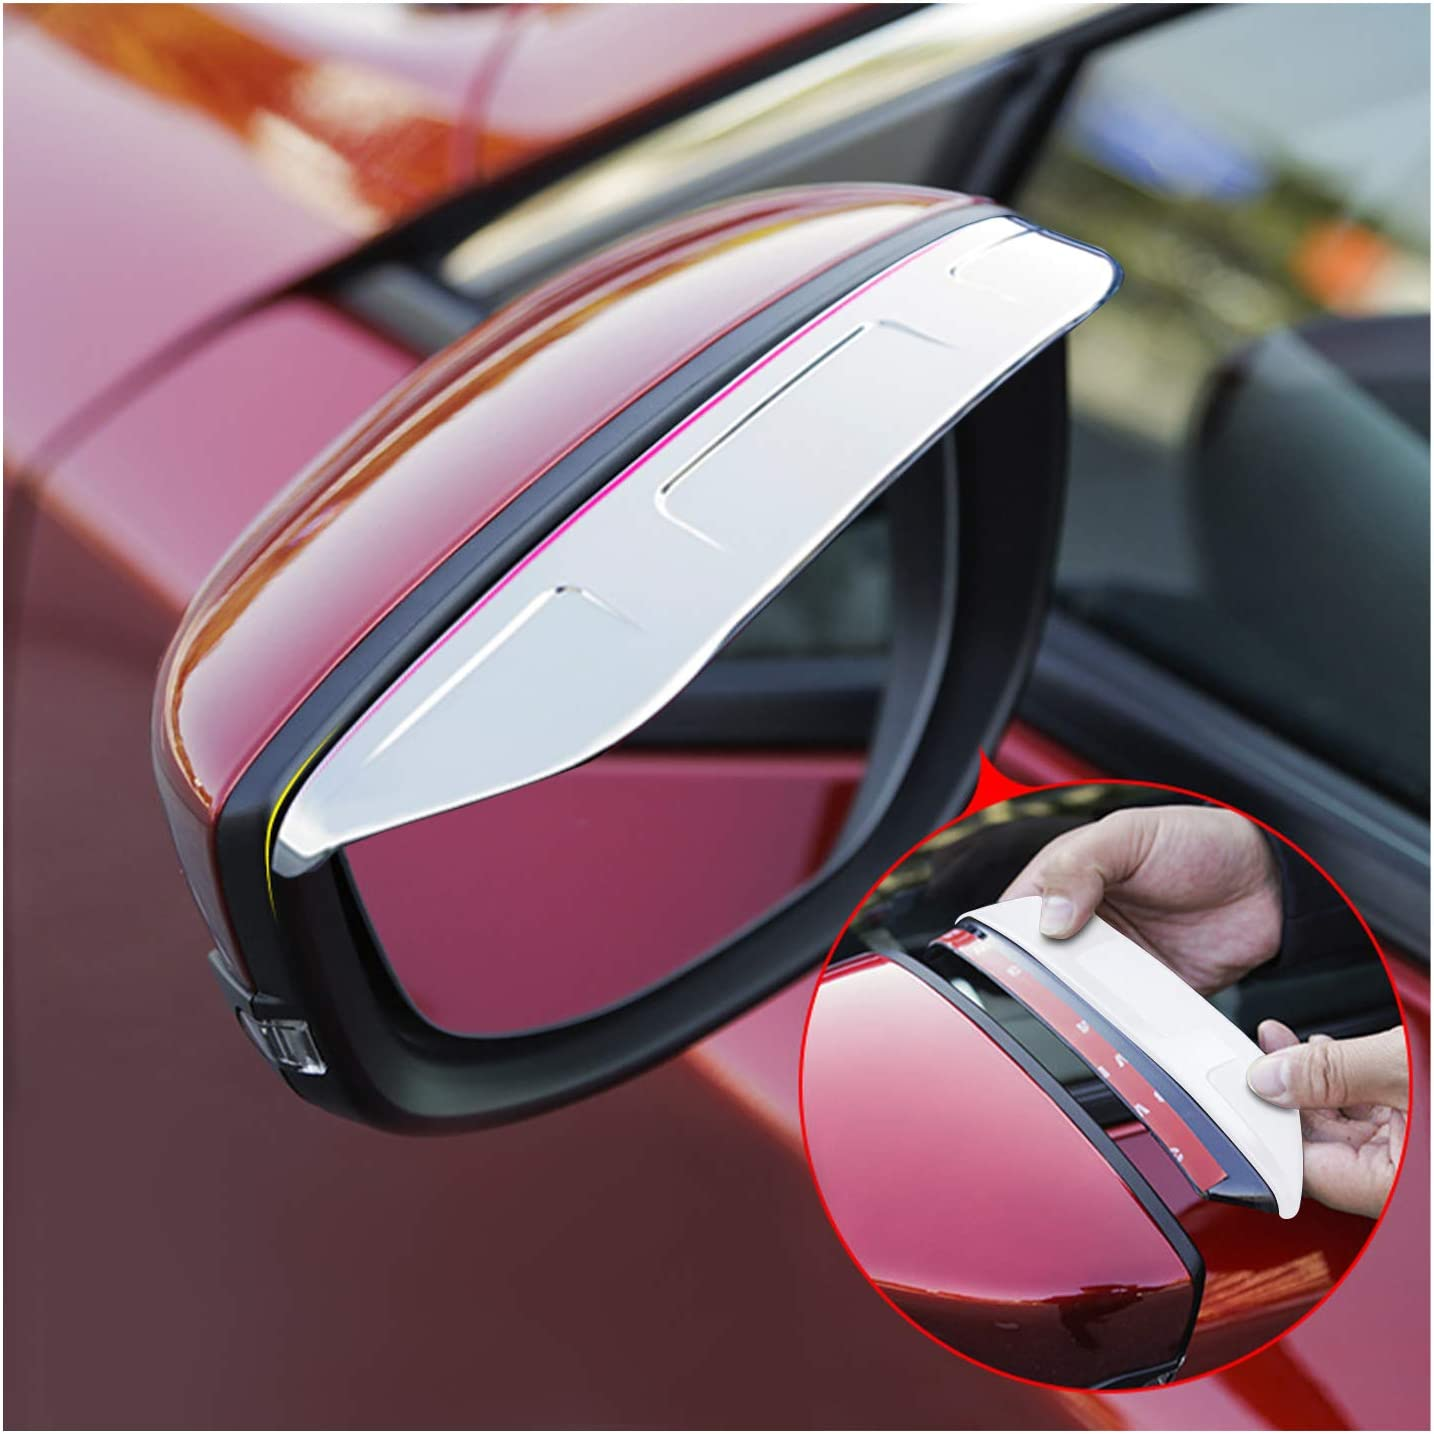 2 ST/ÜCKE CDEFG Auto R/ückspiegel Regenschutz f/ür CX-30 CX30 Seitenspiegel Regen Schild Abdeckung Auto Zubeh/ör